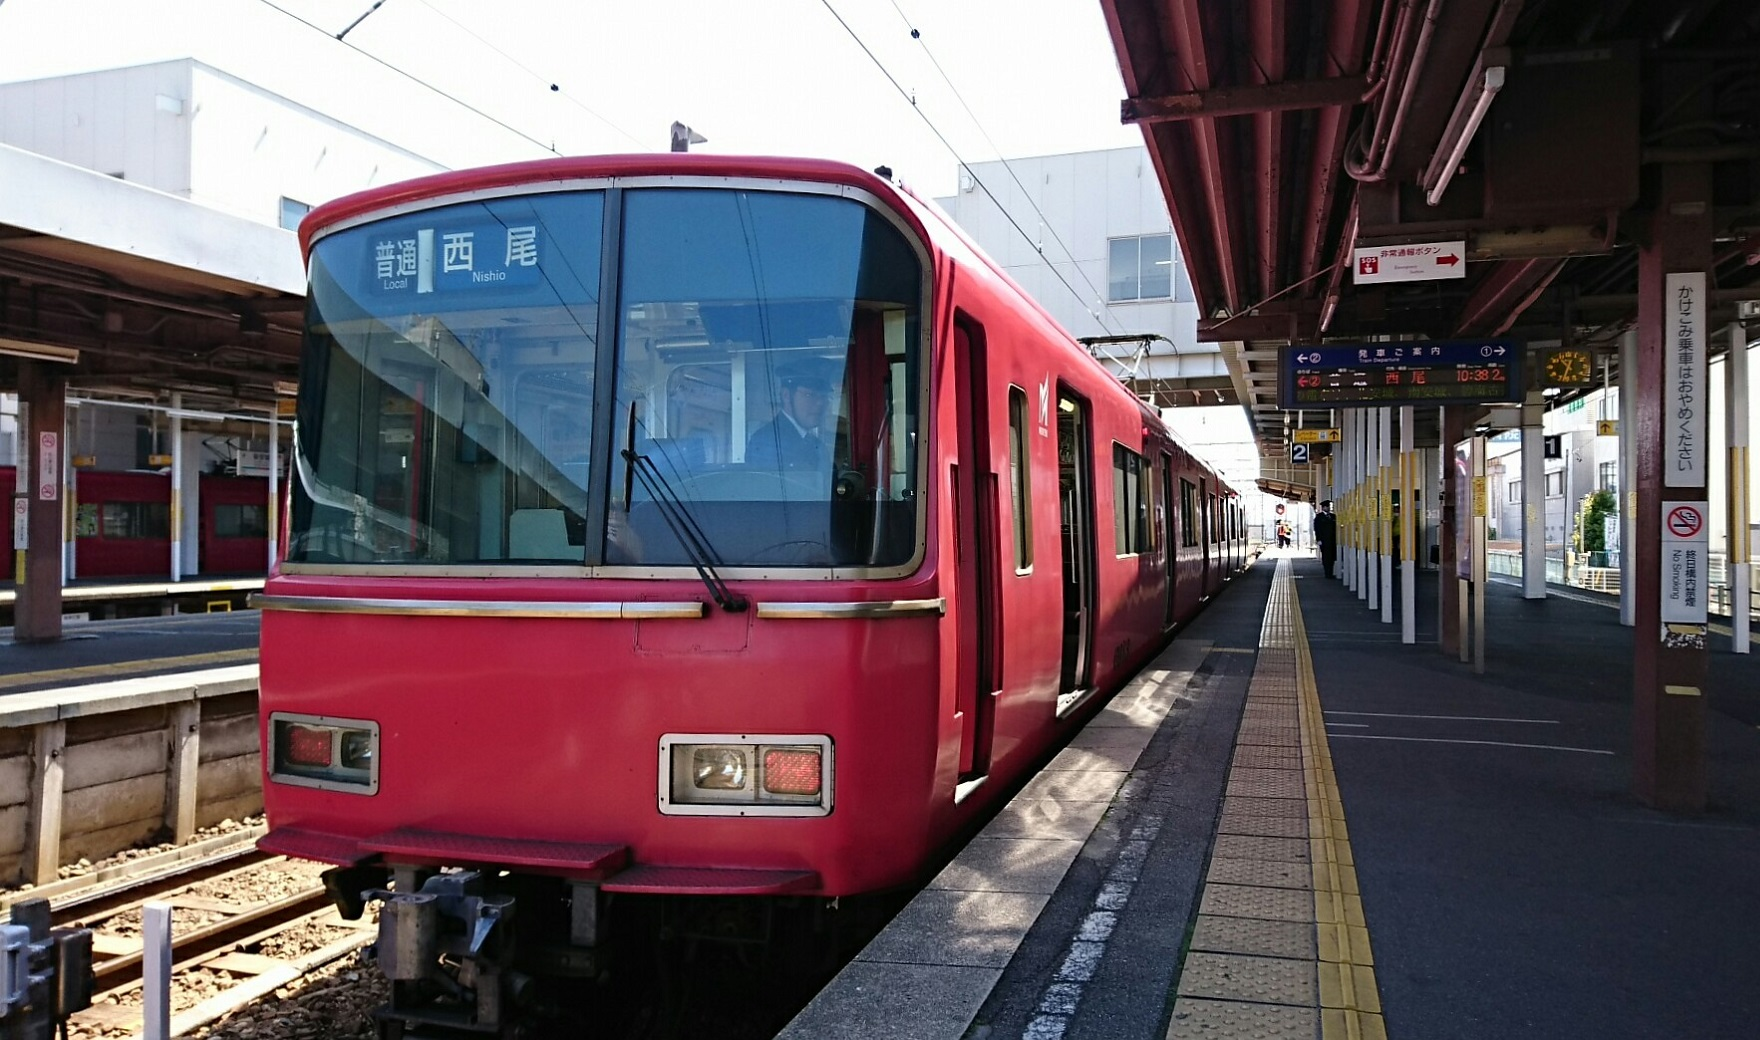 2018.4.19 (1) しんあんじょう - 西尾いきふつう 1760-1040